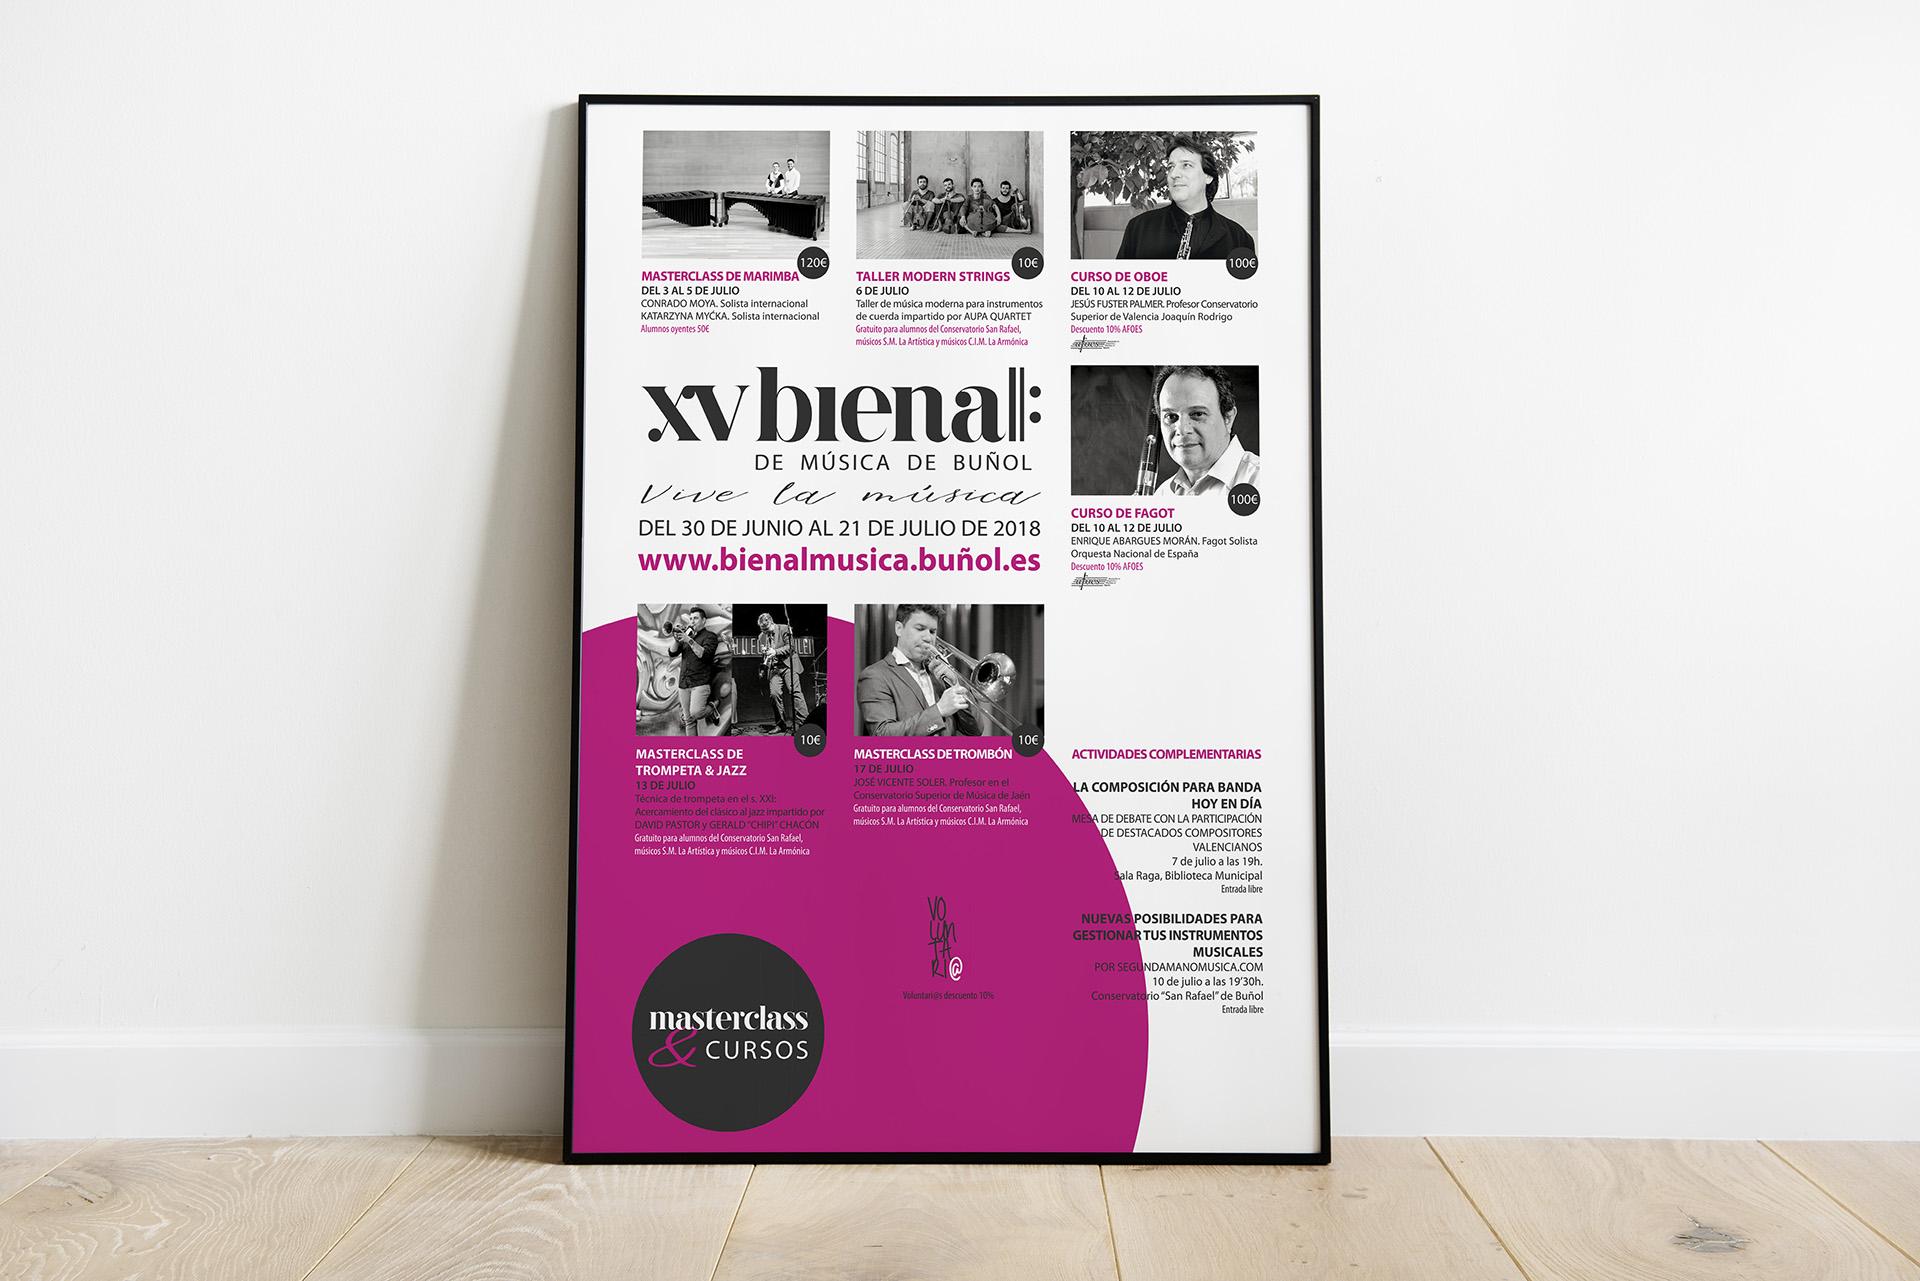 XV Bienal de Música de Buñol - Diseño gráfico